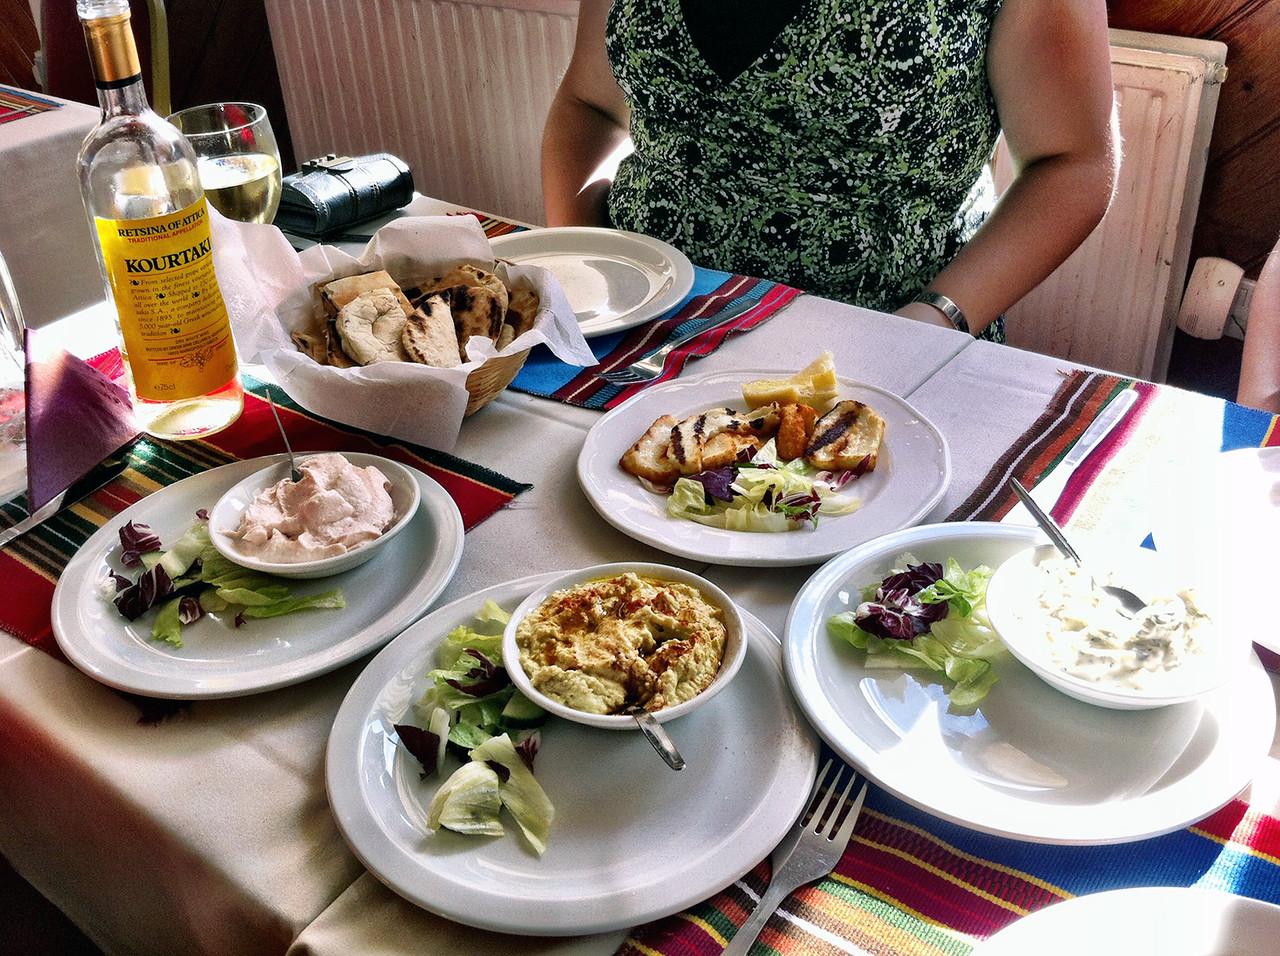 Greek food appetizers